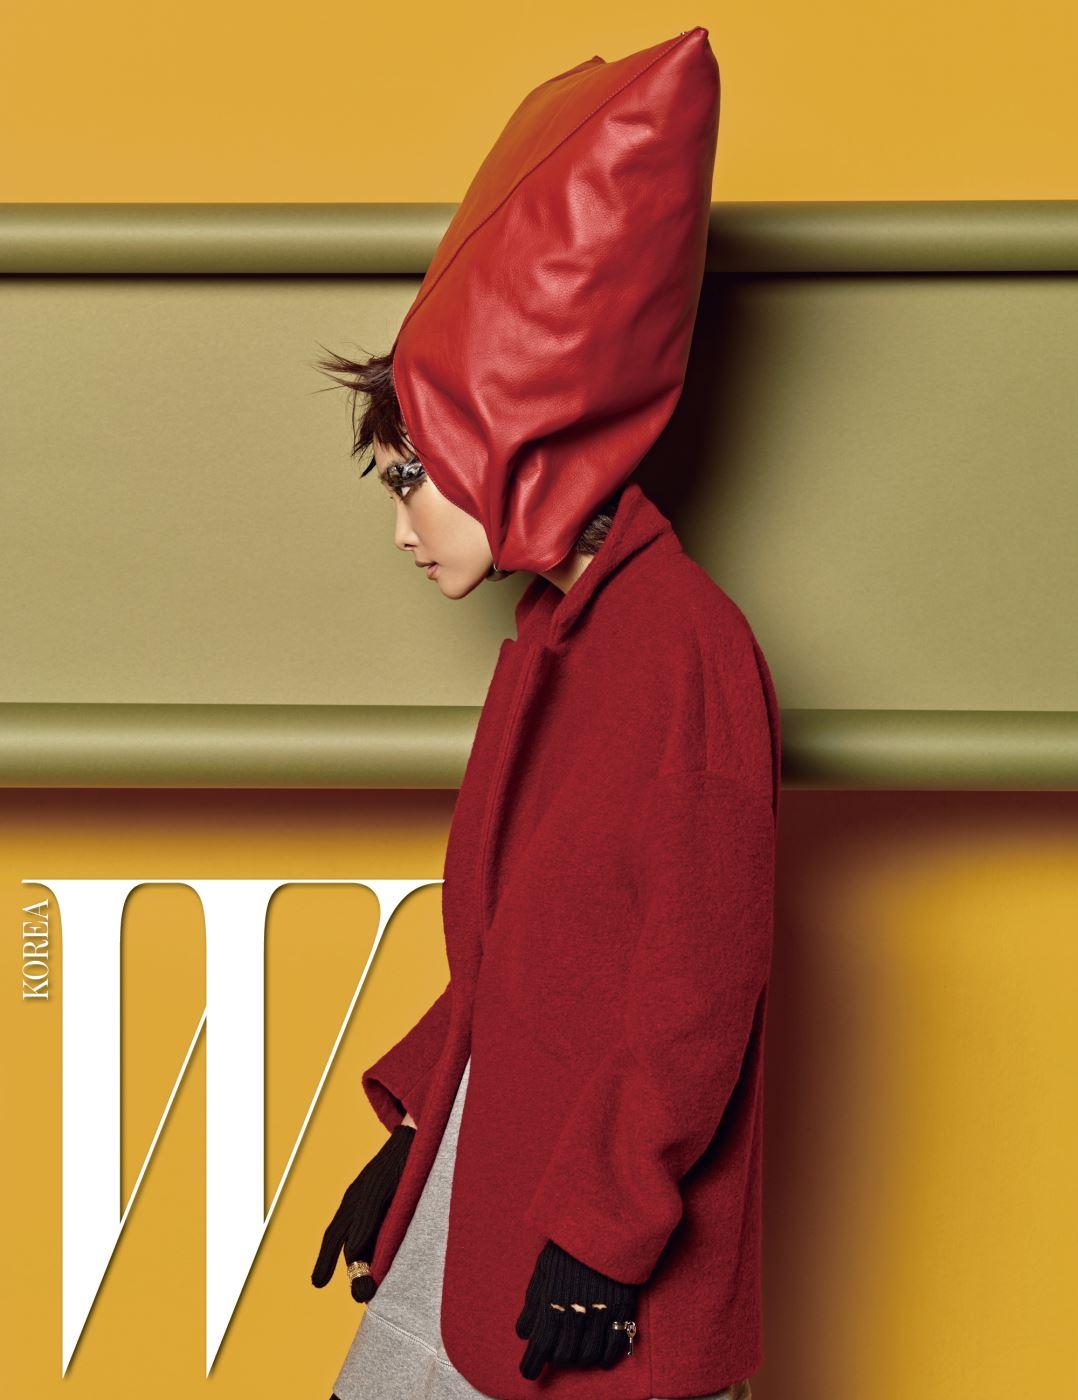 헤드피스로 연출한 가방과 볼륨감 있는 재킷, 스웨트 드레스, 펀칭 장식 장갑, 반지들은 모두 MM6 제품.